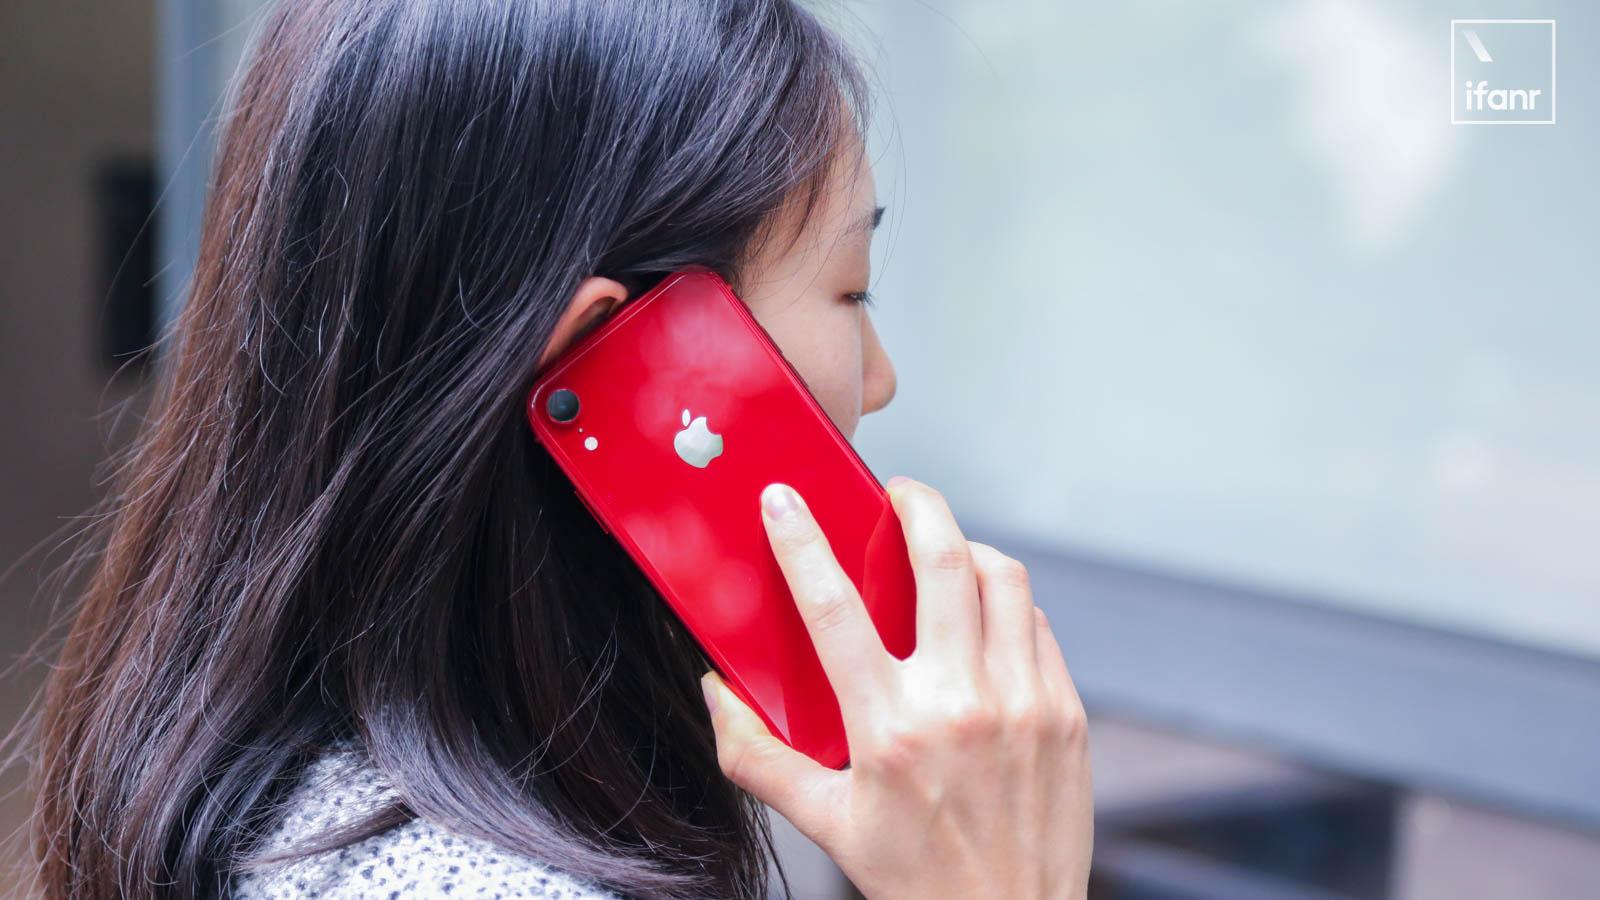 苹果发布新财报:iPhone 销售额大跌,但服务收入创下新高